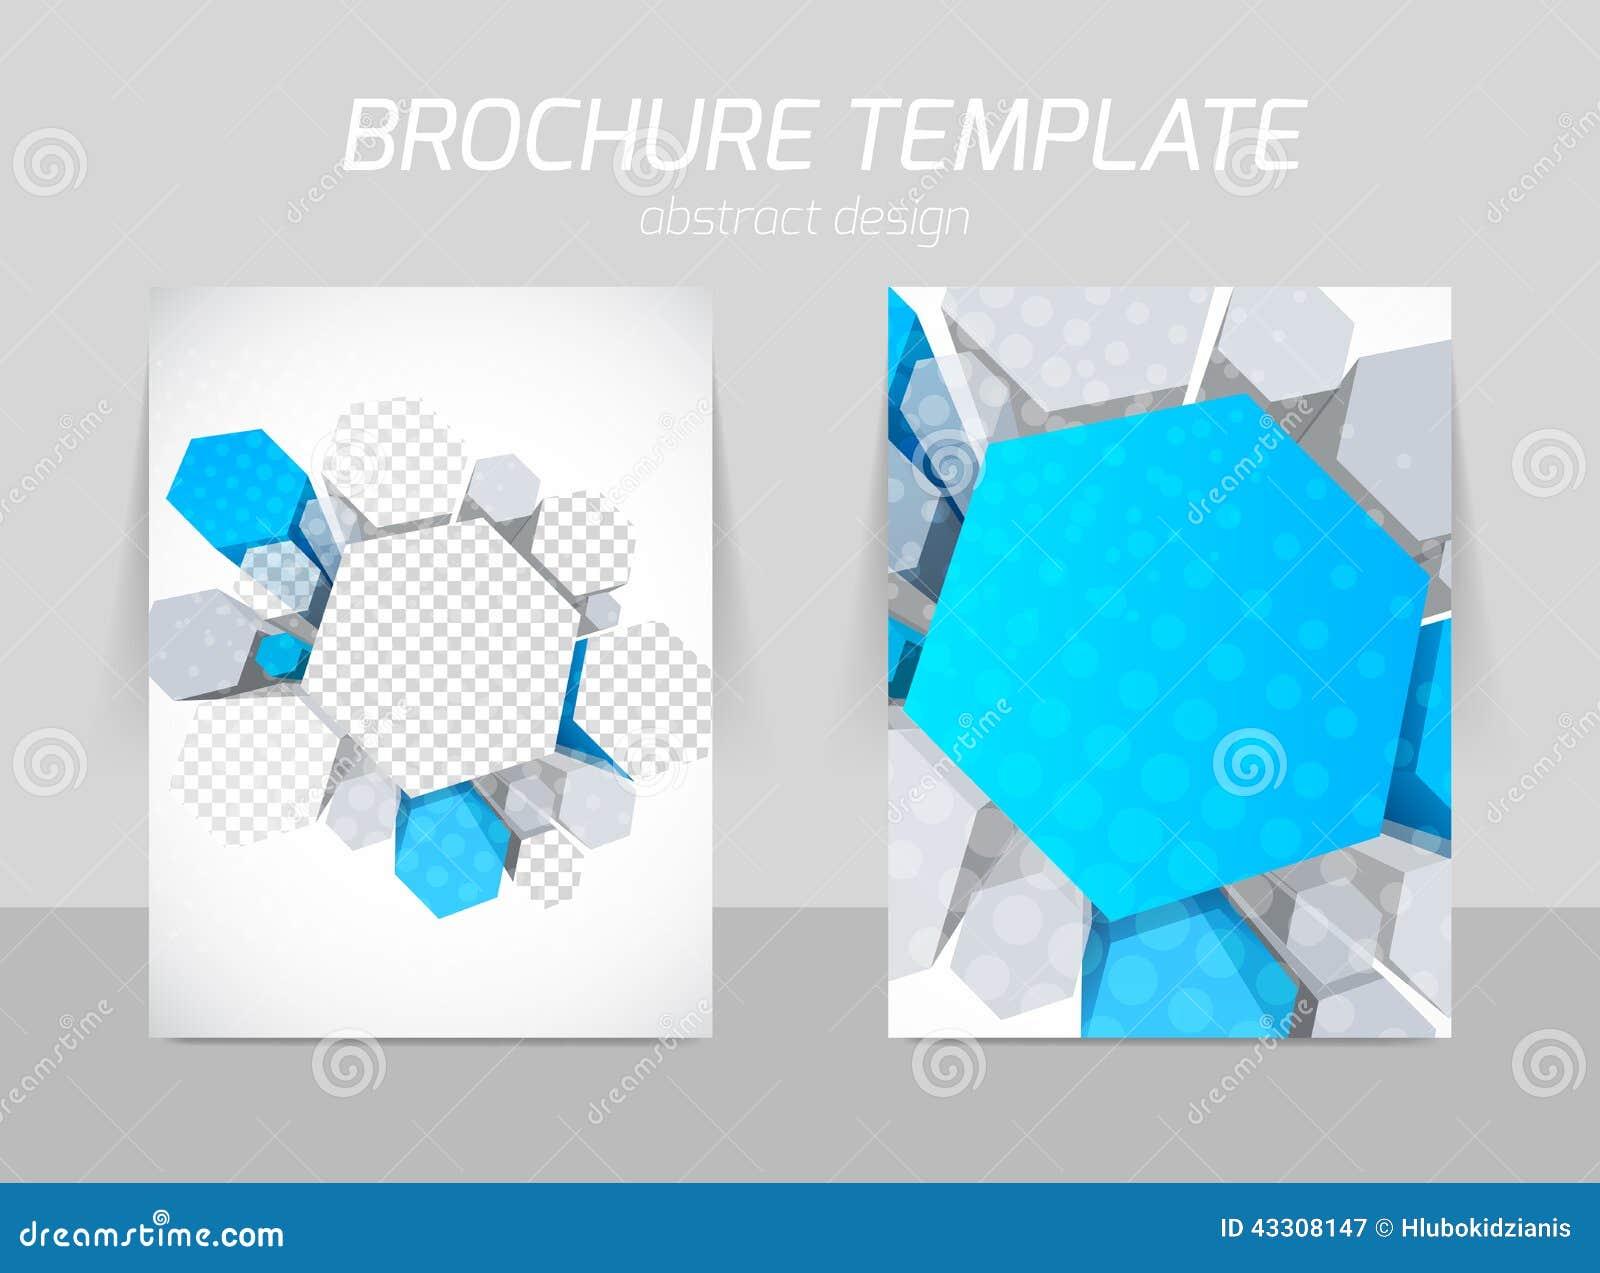 Hexagons Flyer Template Stock Vector - Image: 43308147